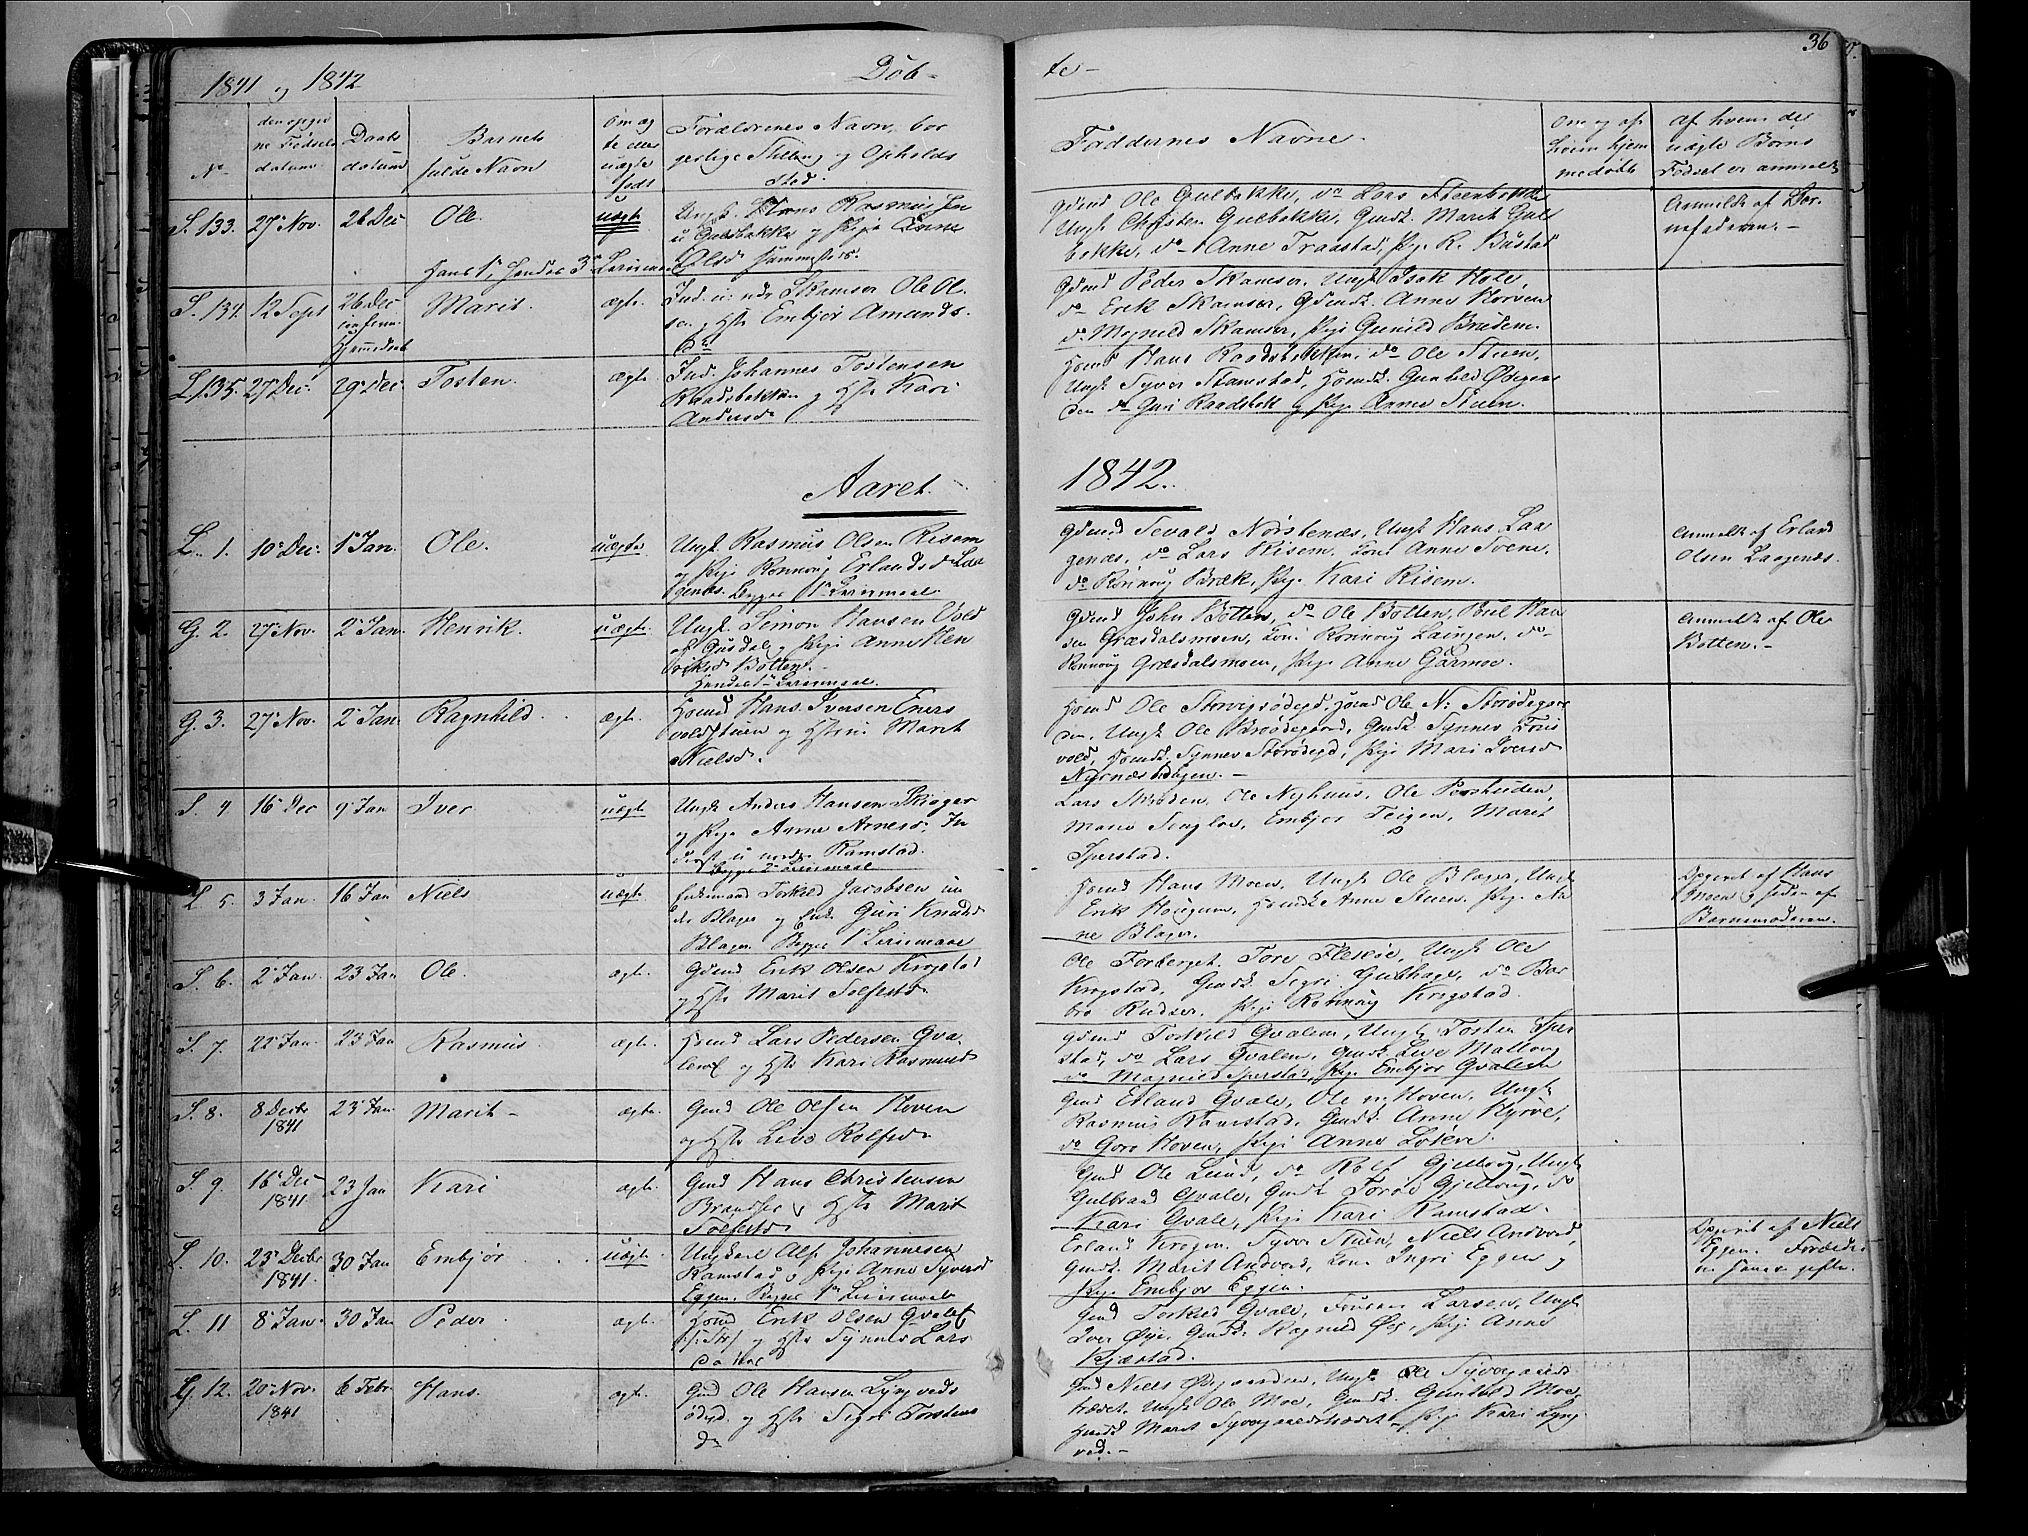 SAH, Lom prestekontor, K/L0006: Ministerialbok nr. 6A, 1837-1863, s. 36